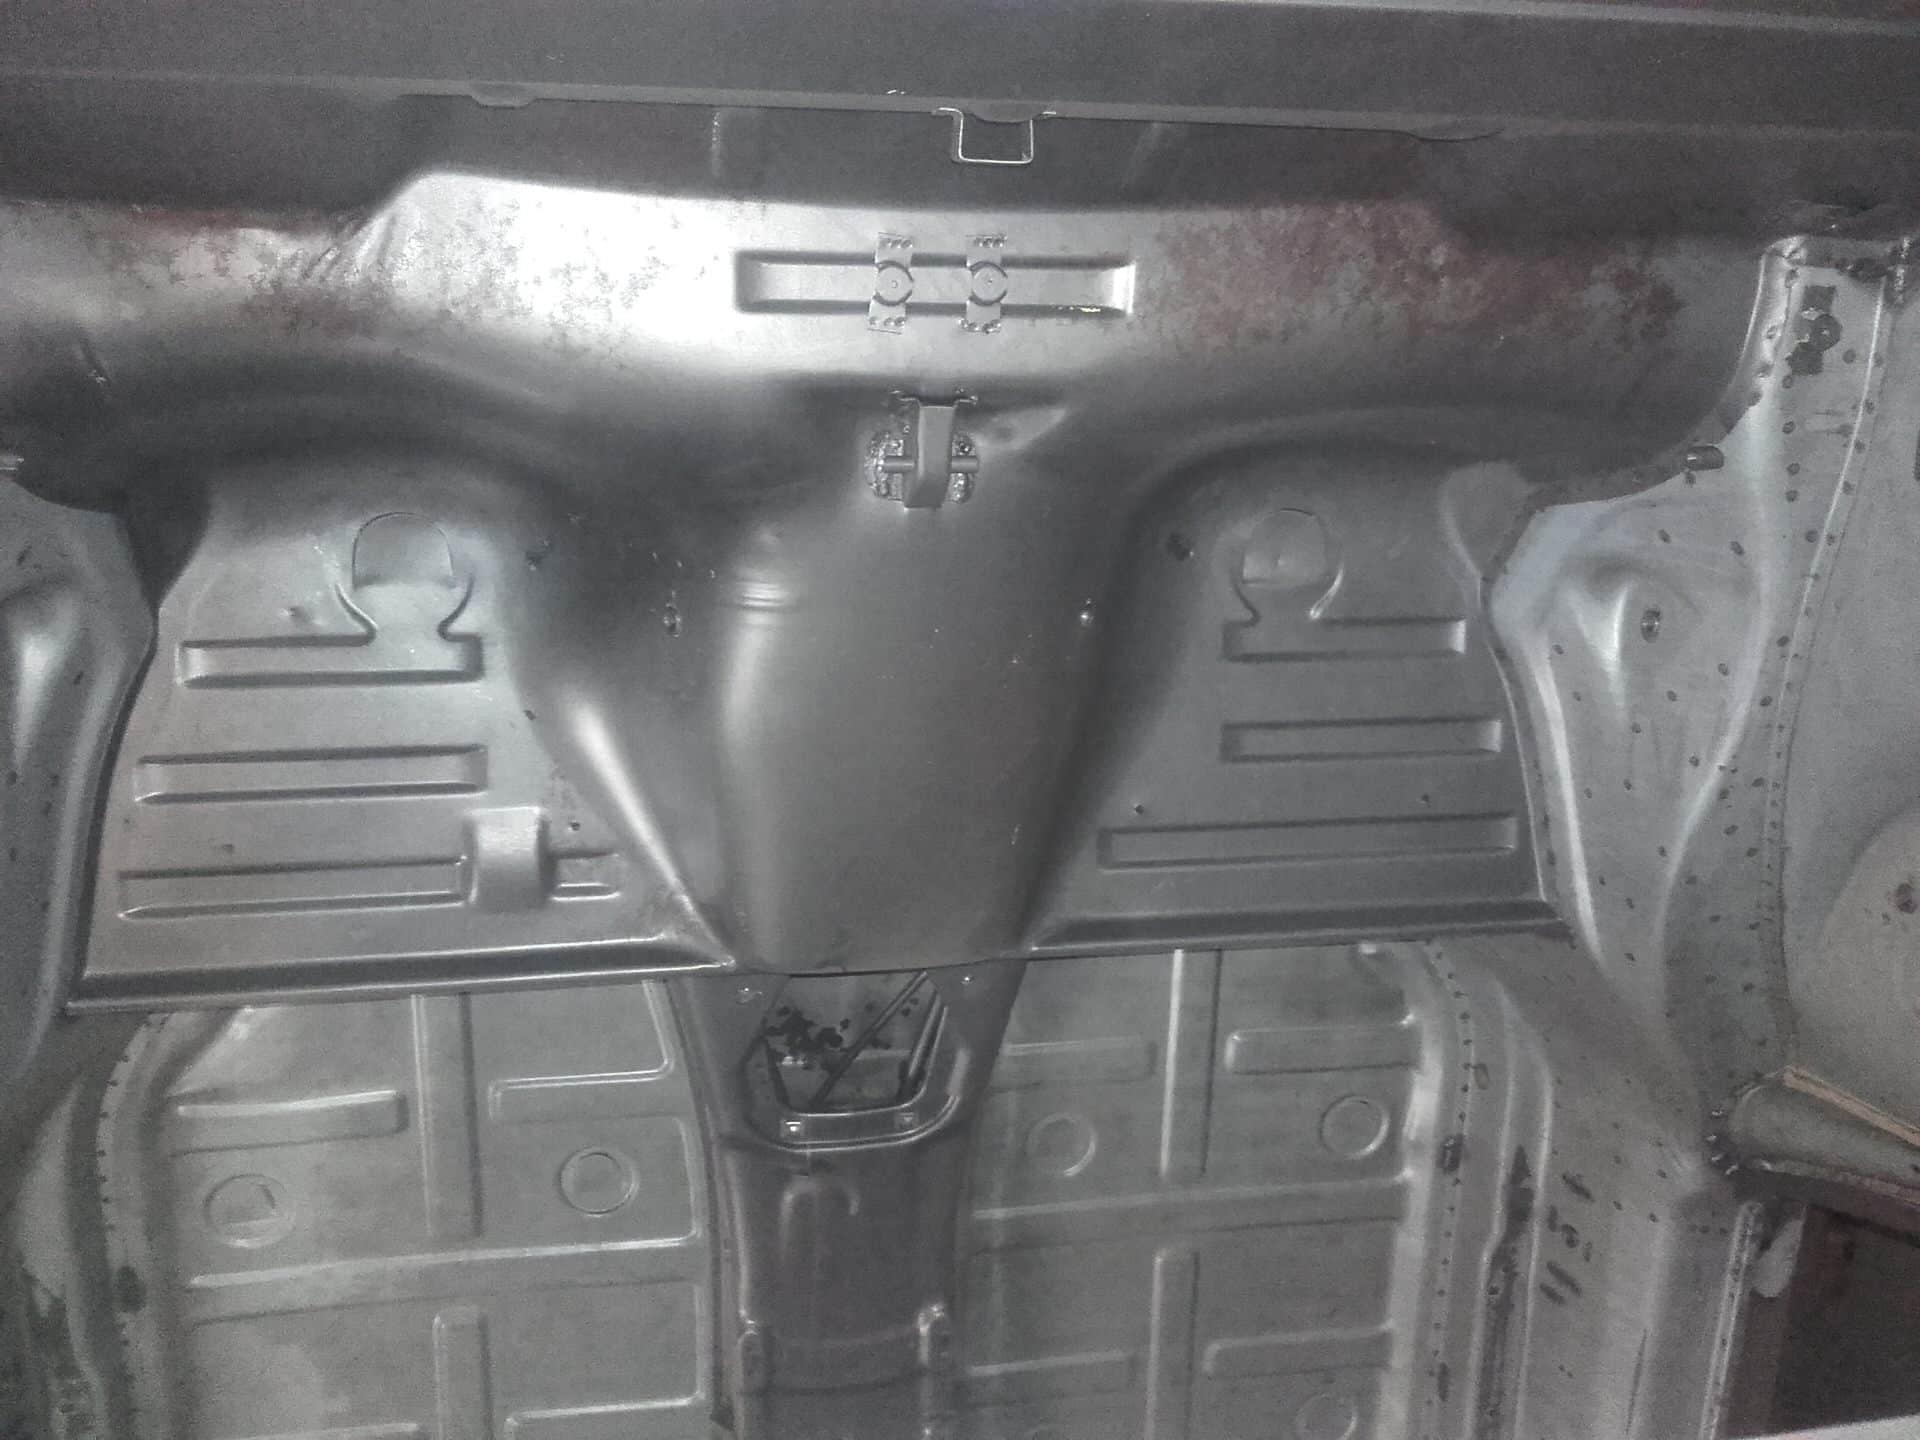 trace de corrosion au niveau des siege arrière